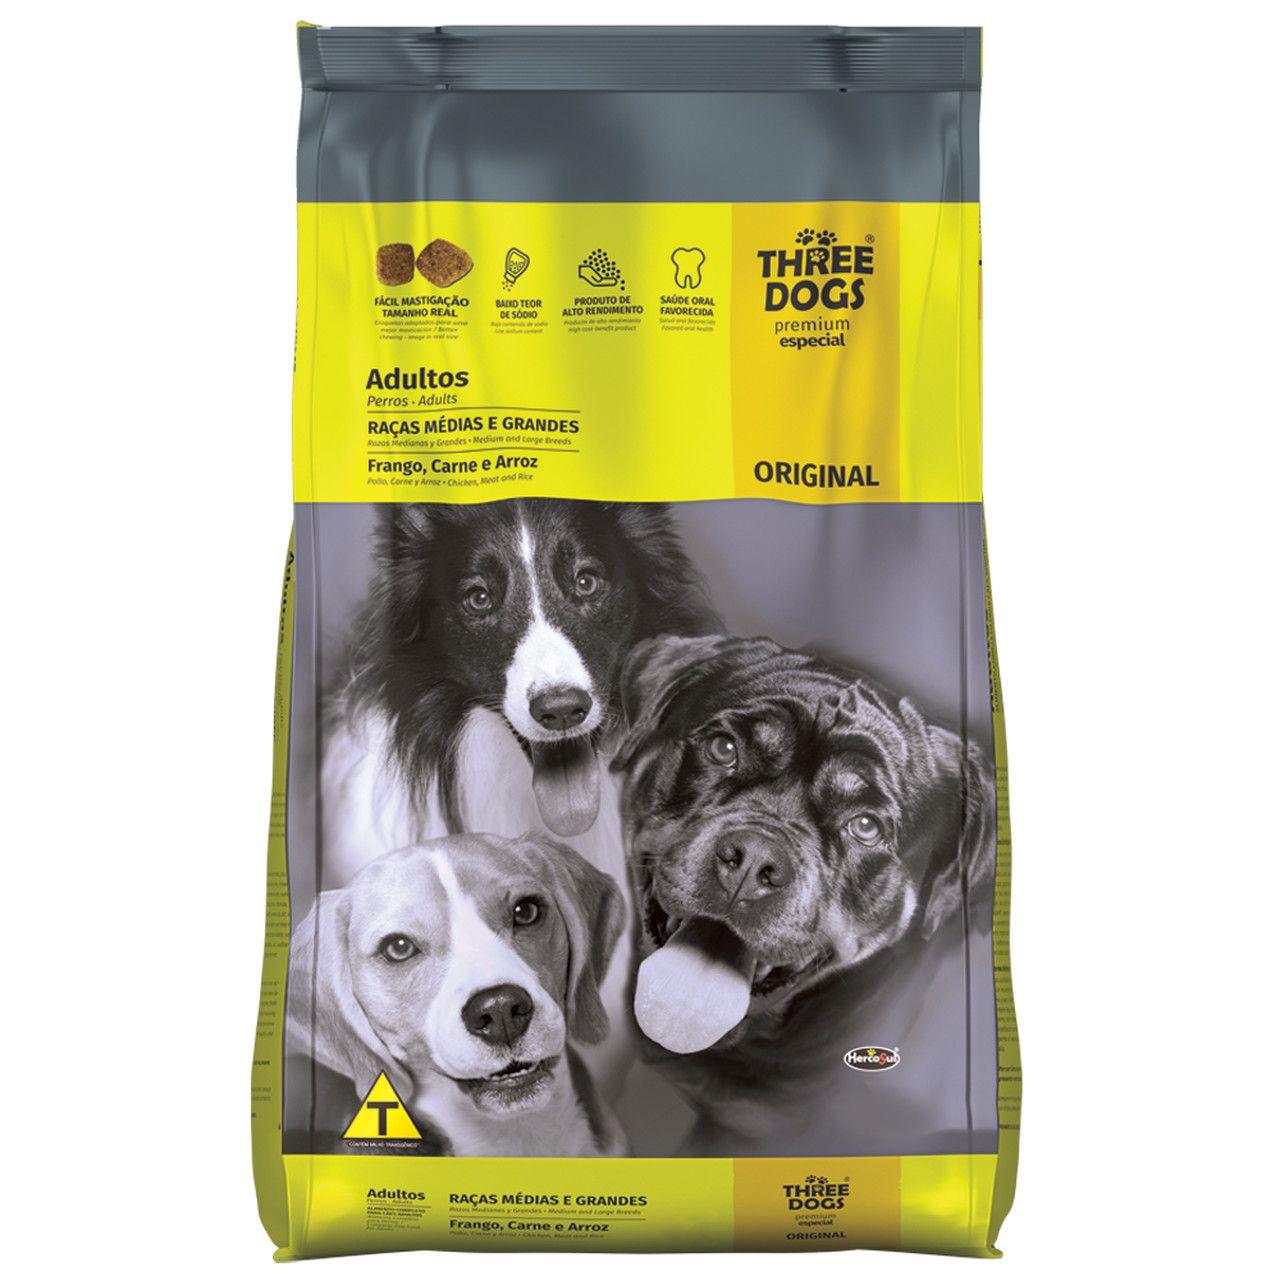 Ração Three Dogs Premium Especial Original Cães Adultos Raças Medias e Grandes Frango, Carne e Arroz